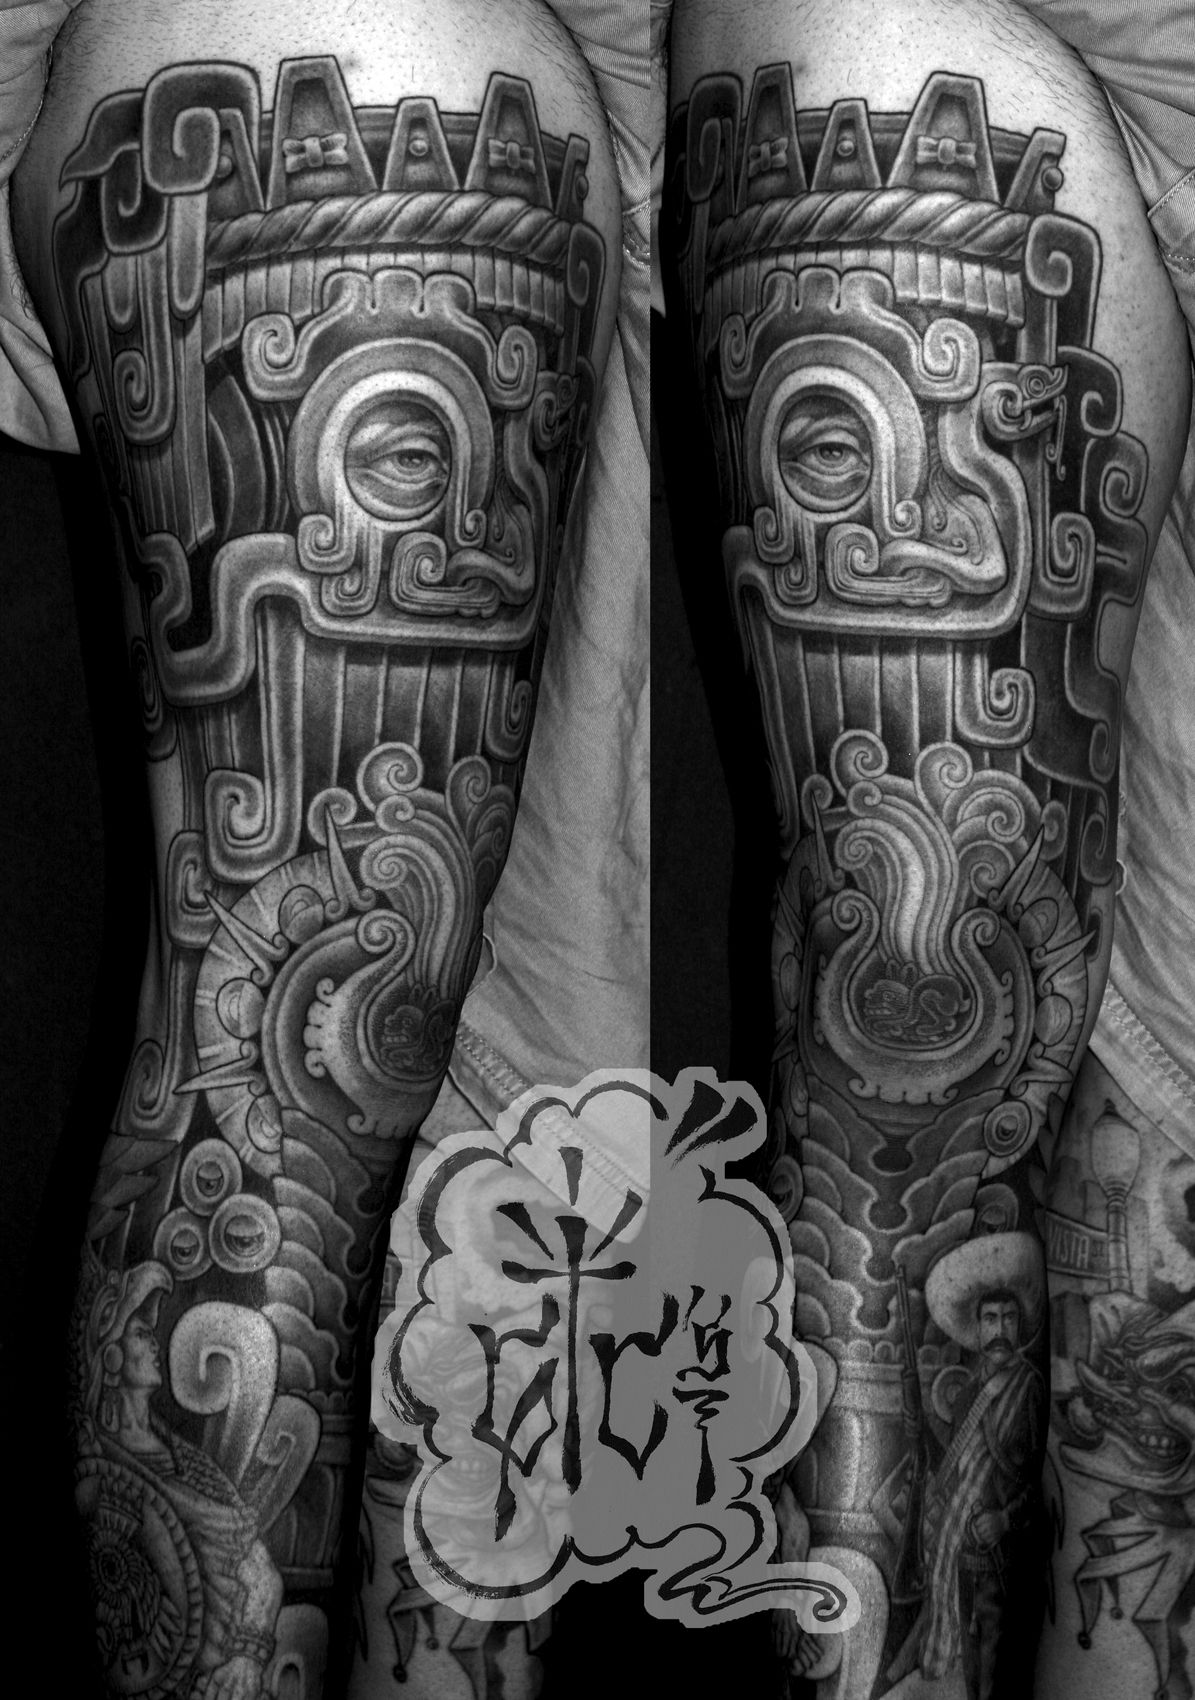 tlaloc leg art tattoos pinterest tattoo latin tattoo and mayan tattoos. Black Bedroom Furniture Sets. Home Design Ideas